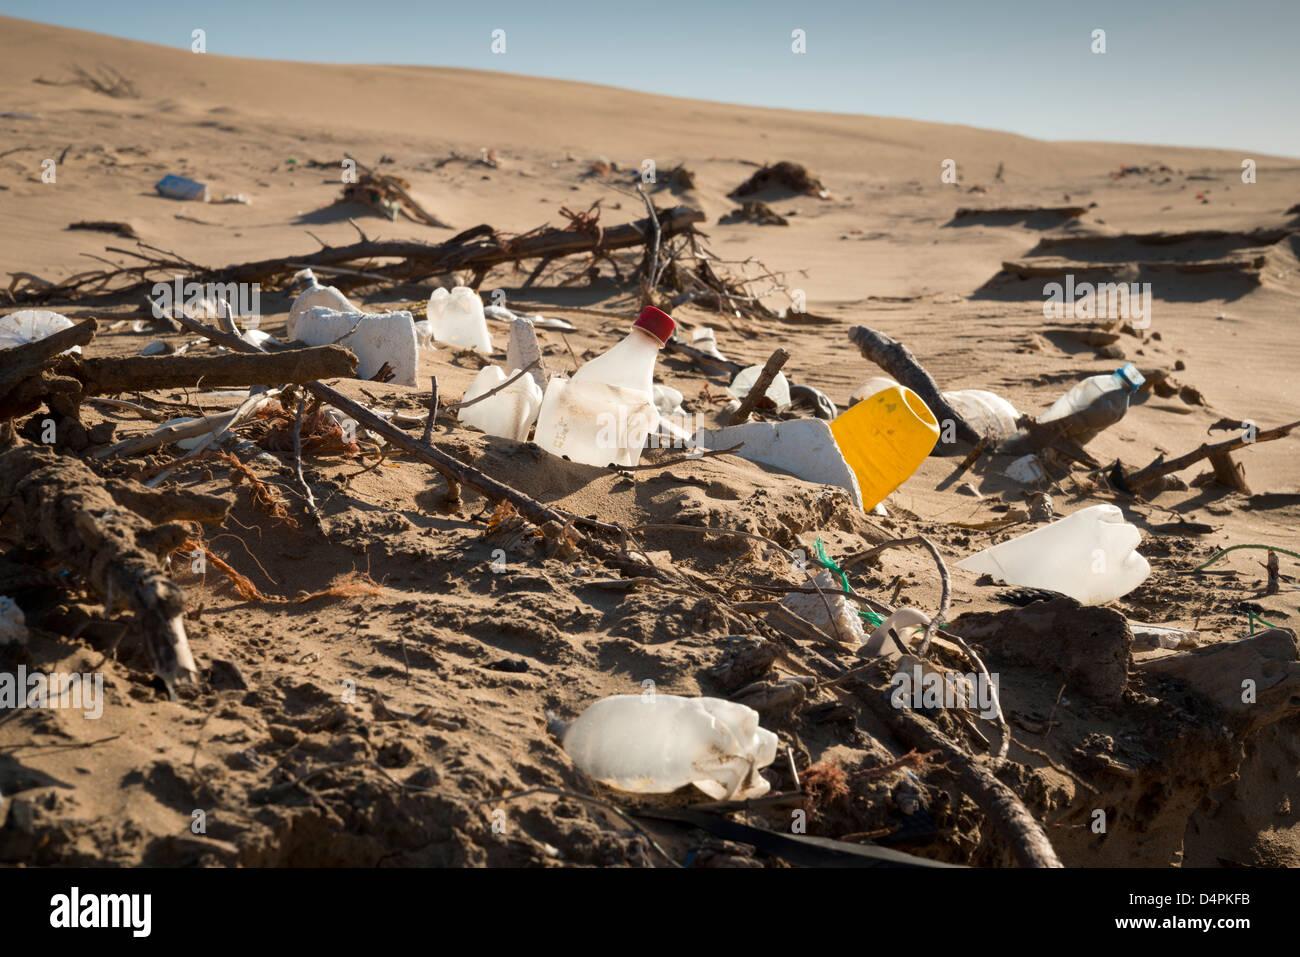 Flotsam and jetsam on a beach. Washed up plastic bottles. - Stock Image